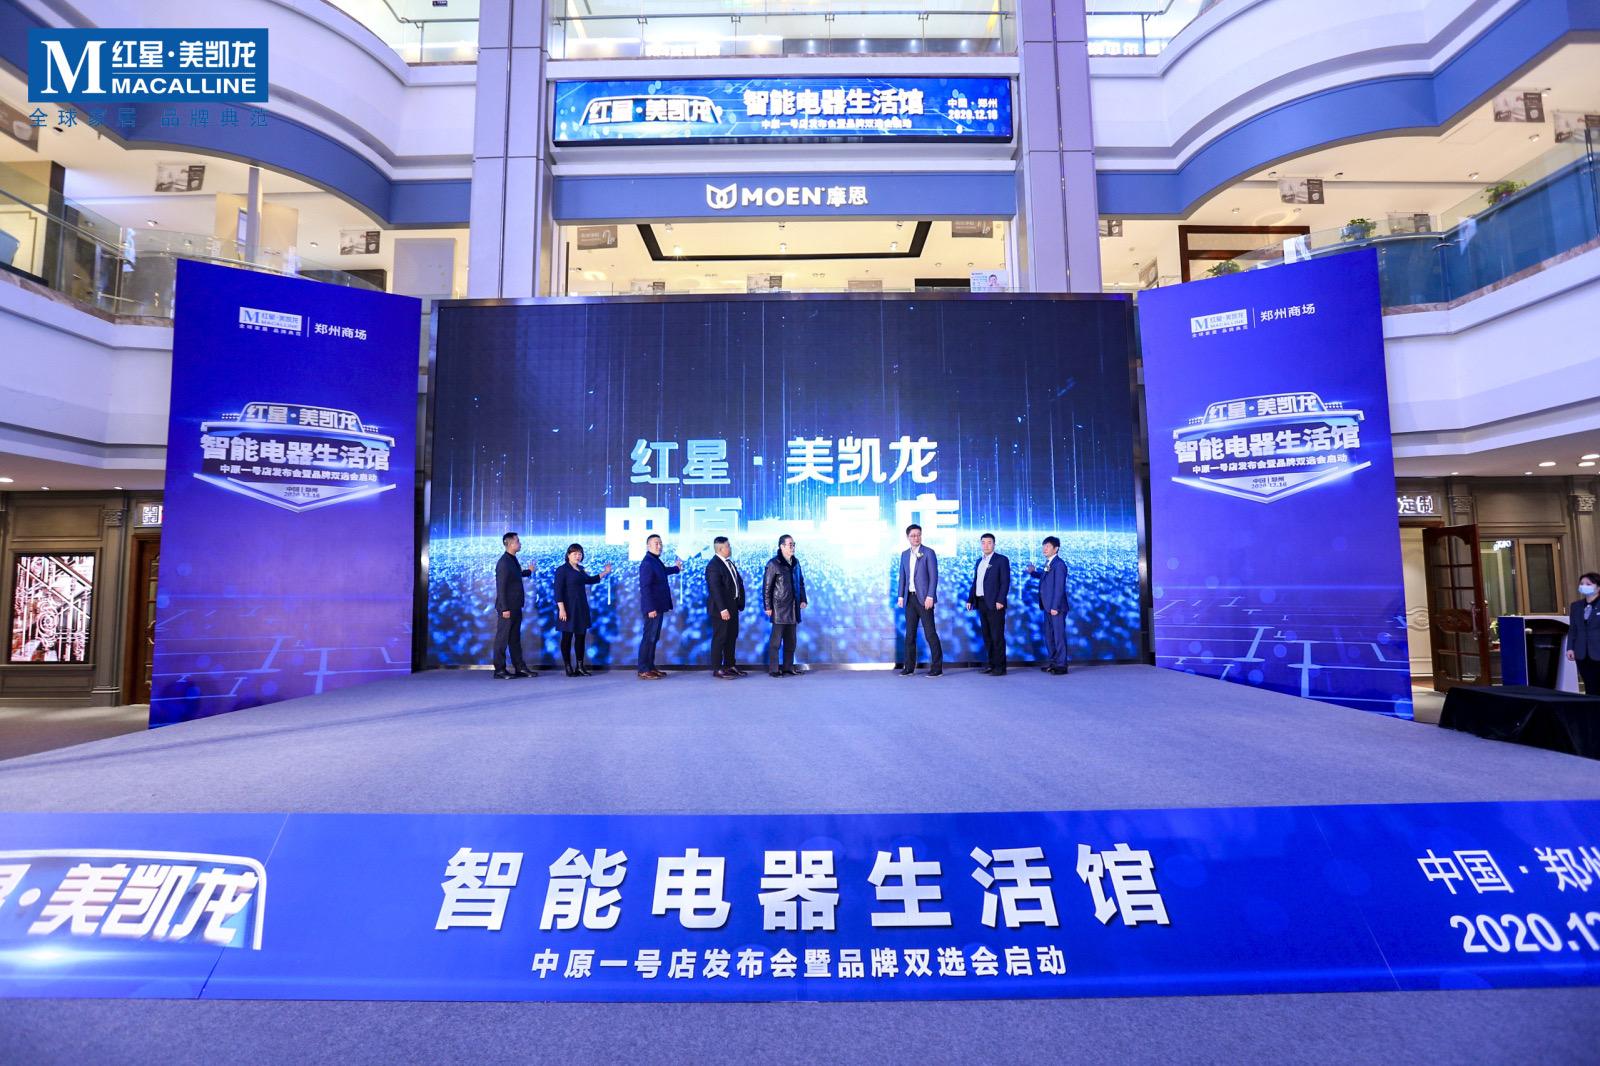 红星美凯龙郑州商场智能电器生活馆耀世登场